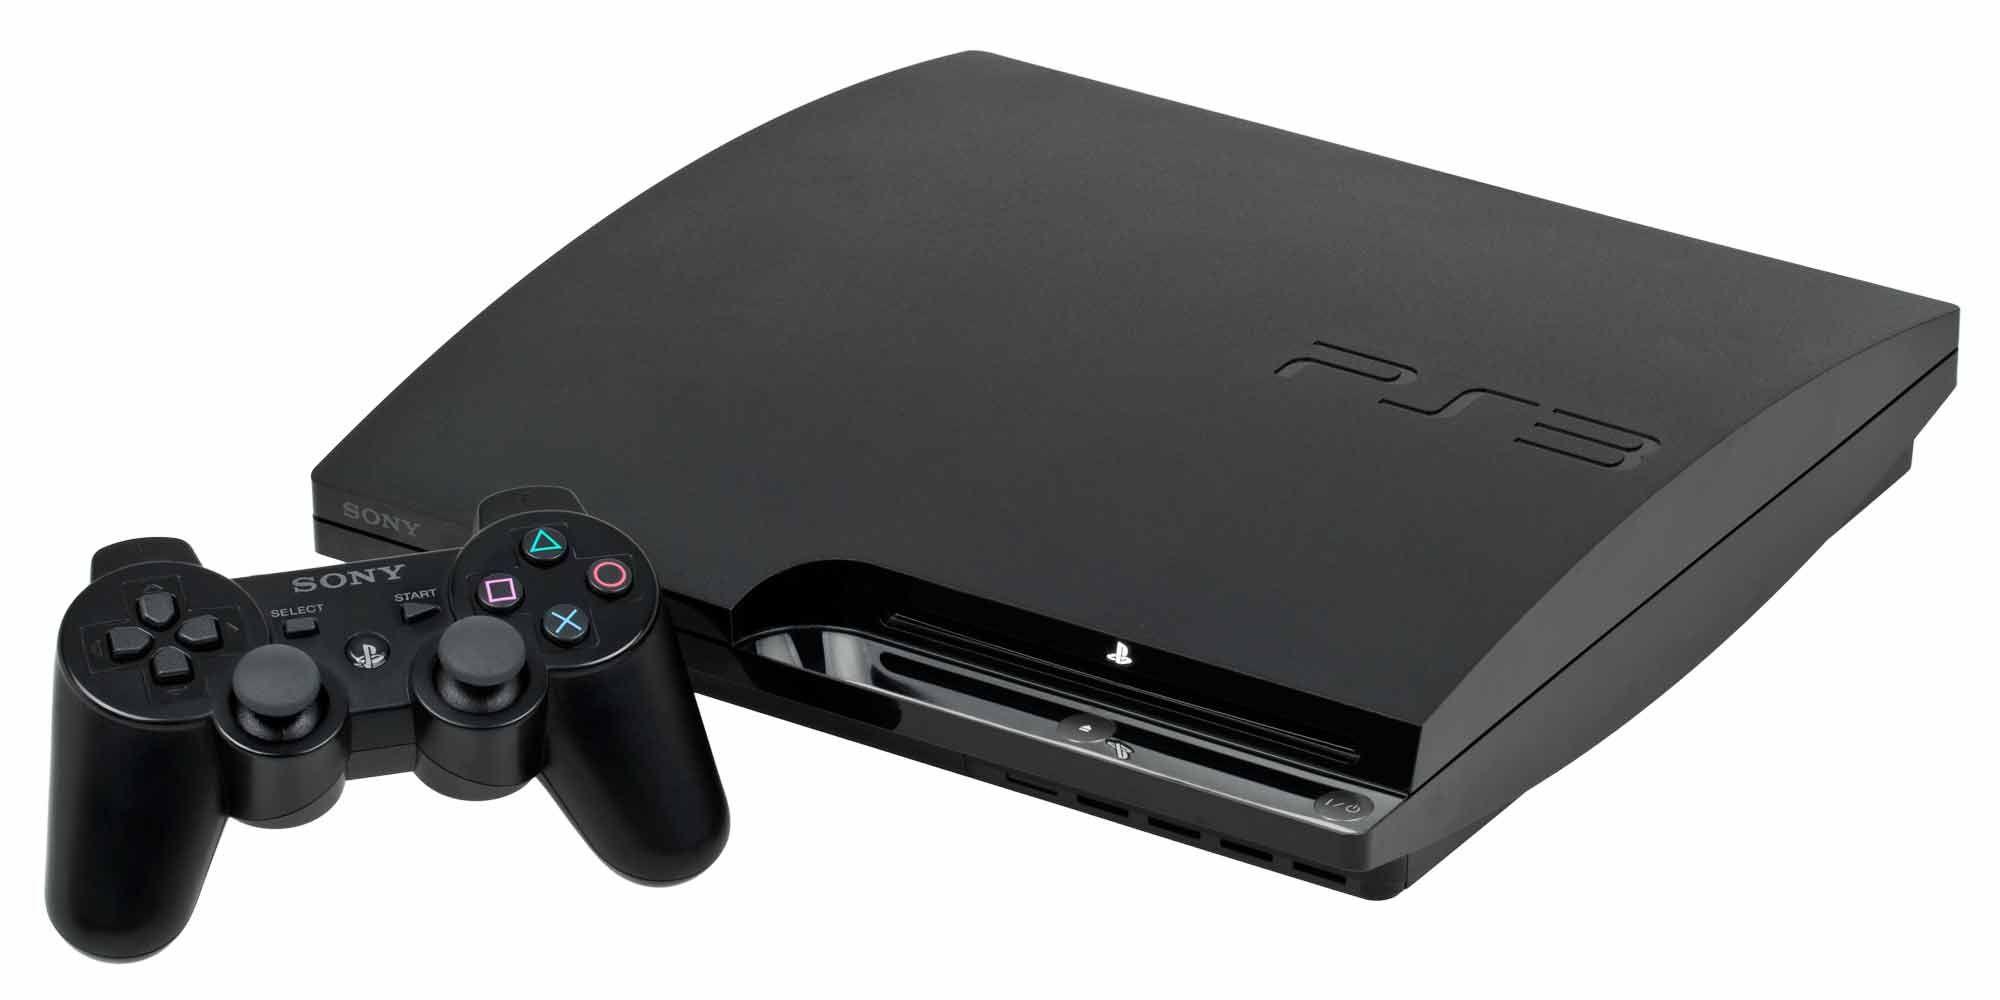 Refurbished Sony Playstation 3 Slim 320 Gb Charcoal Black Console Walmart Com Playstation Console Sony Playstation